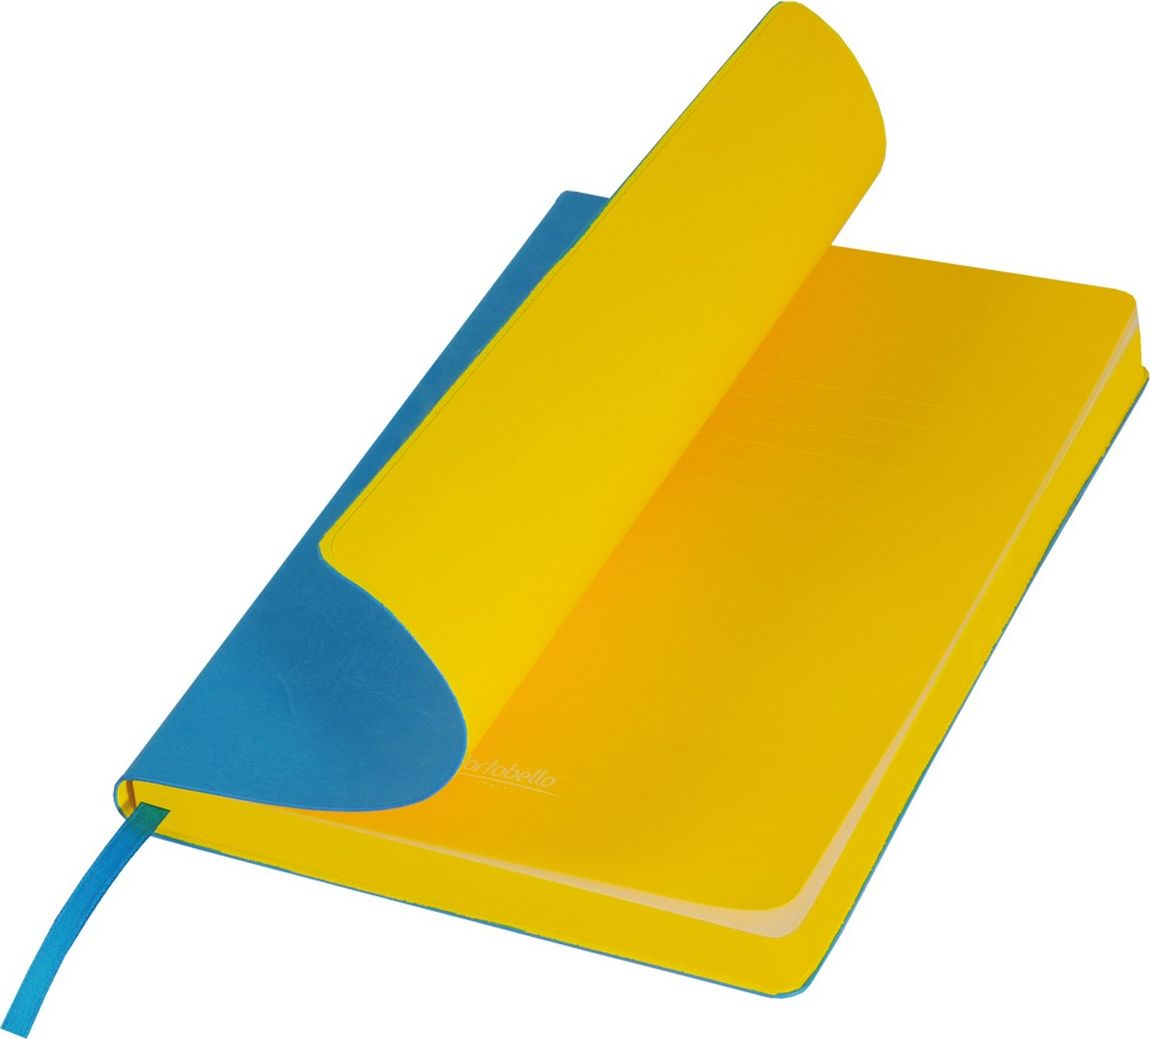 Portobello Trend Ежедневник недатированный River Side 128 листов цвет голубой желтыйLXX1501256-600Гибкая обложка выполнена из материала с эффектом венецианской штукатурки. На ощупь прослеживается мелкий рельеф. Фактура – глянцевая. Тон за счет фактуры может меняться в зависимости от освещения. Цвет форзацев контрастный и яркий. Ляссе в цвет форзаца.